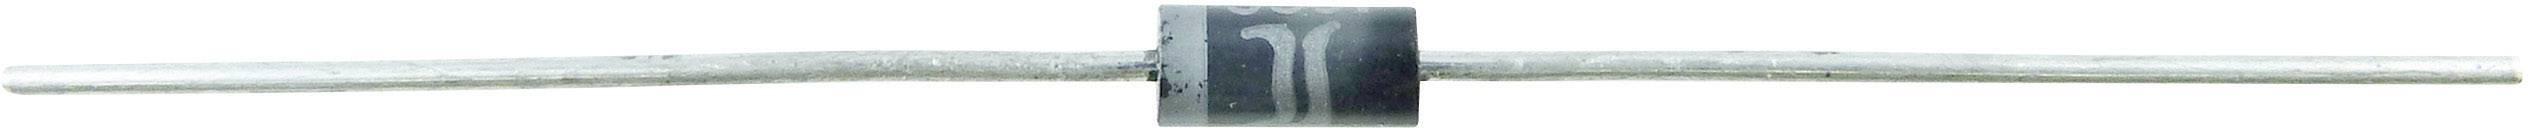 Schottkyho usmerňovacia dióda Diotec SB120, 1 A, 20 V